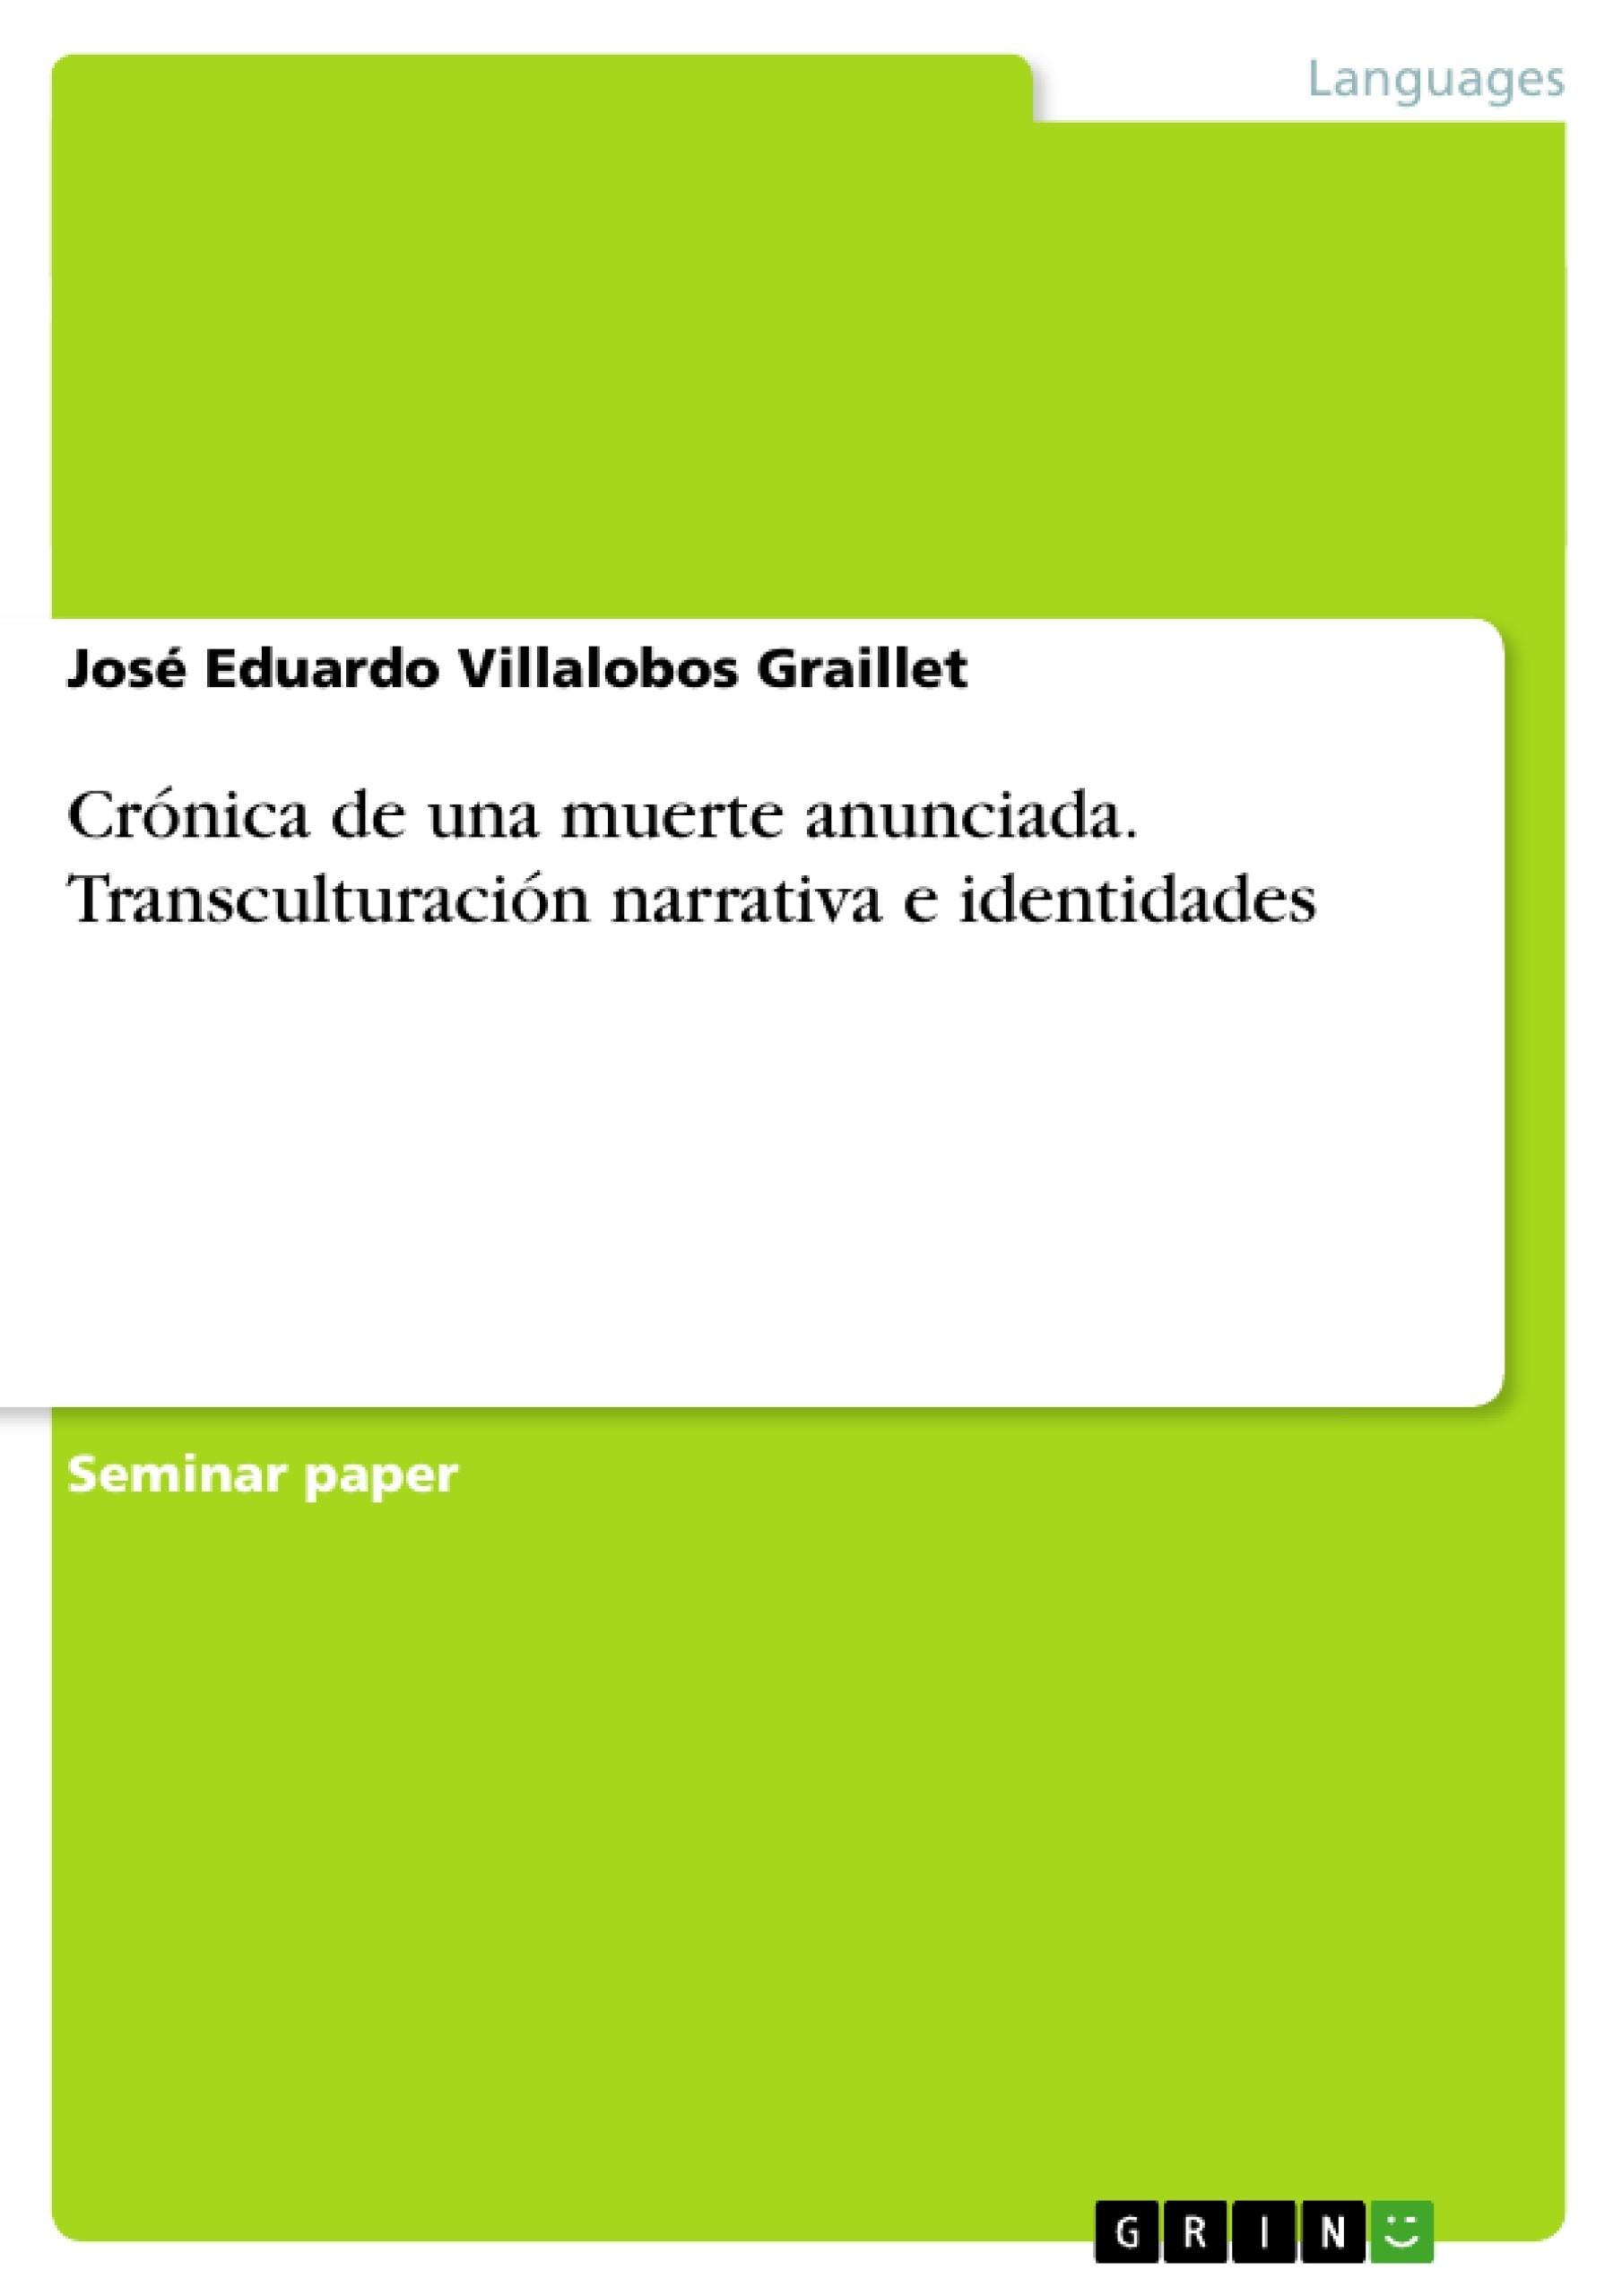 Título: Crónica de una muerte anunciada. Transculturación narrativa e identidades